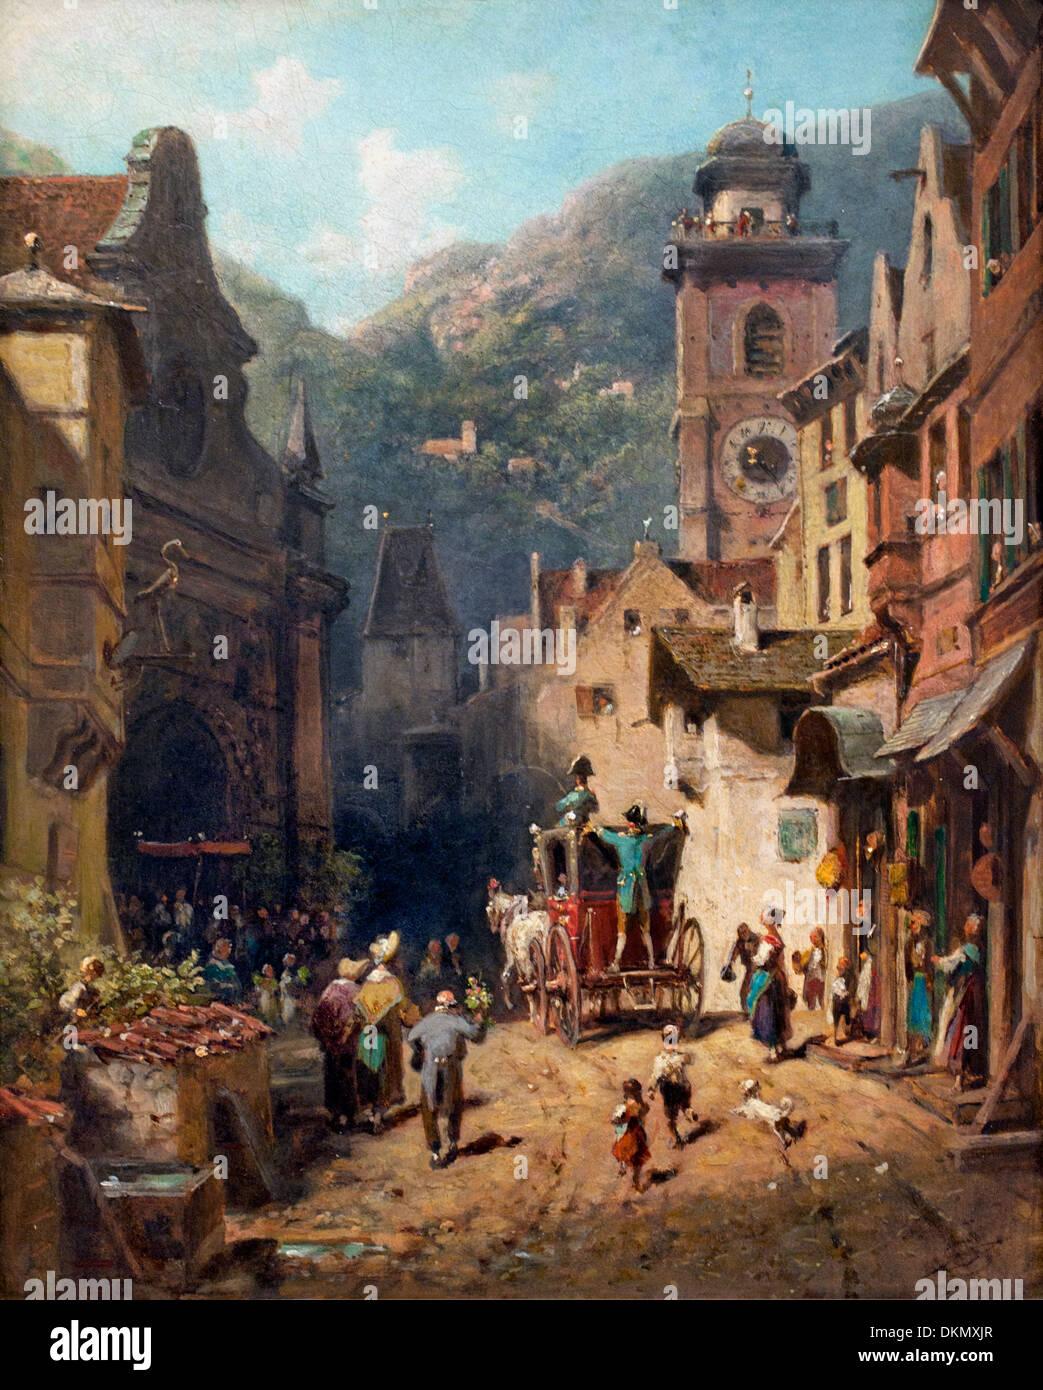 La visita del principe locale 1870 Carl Spitzweg 1808-1885 il tedesco in Germania Immagini Stock